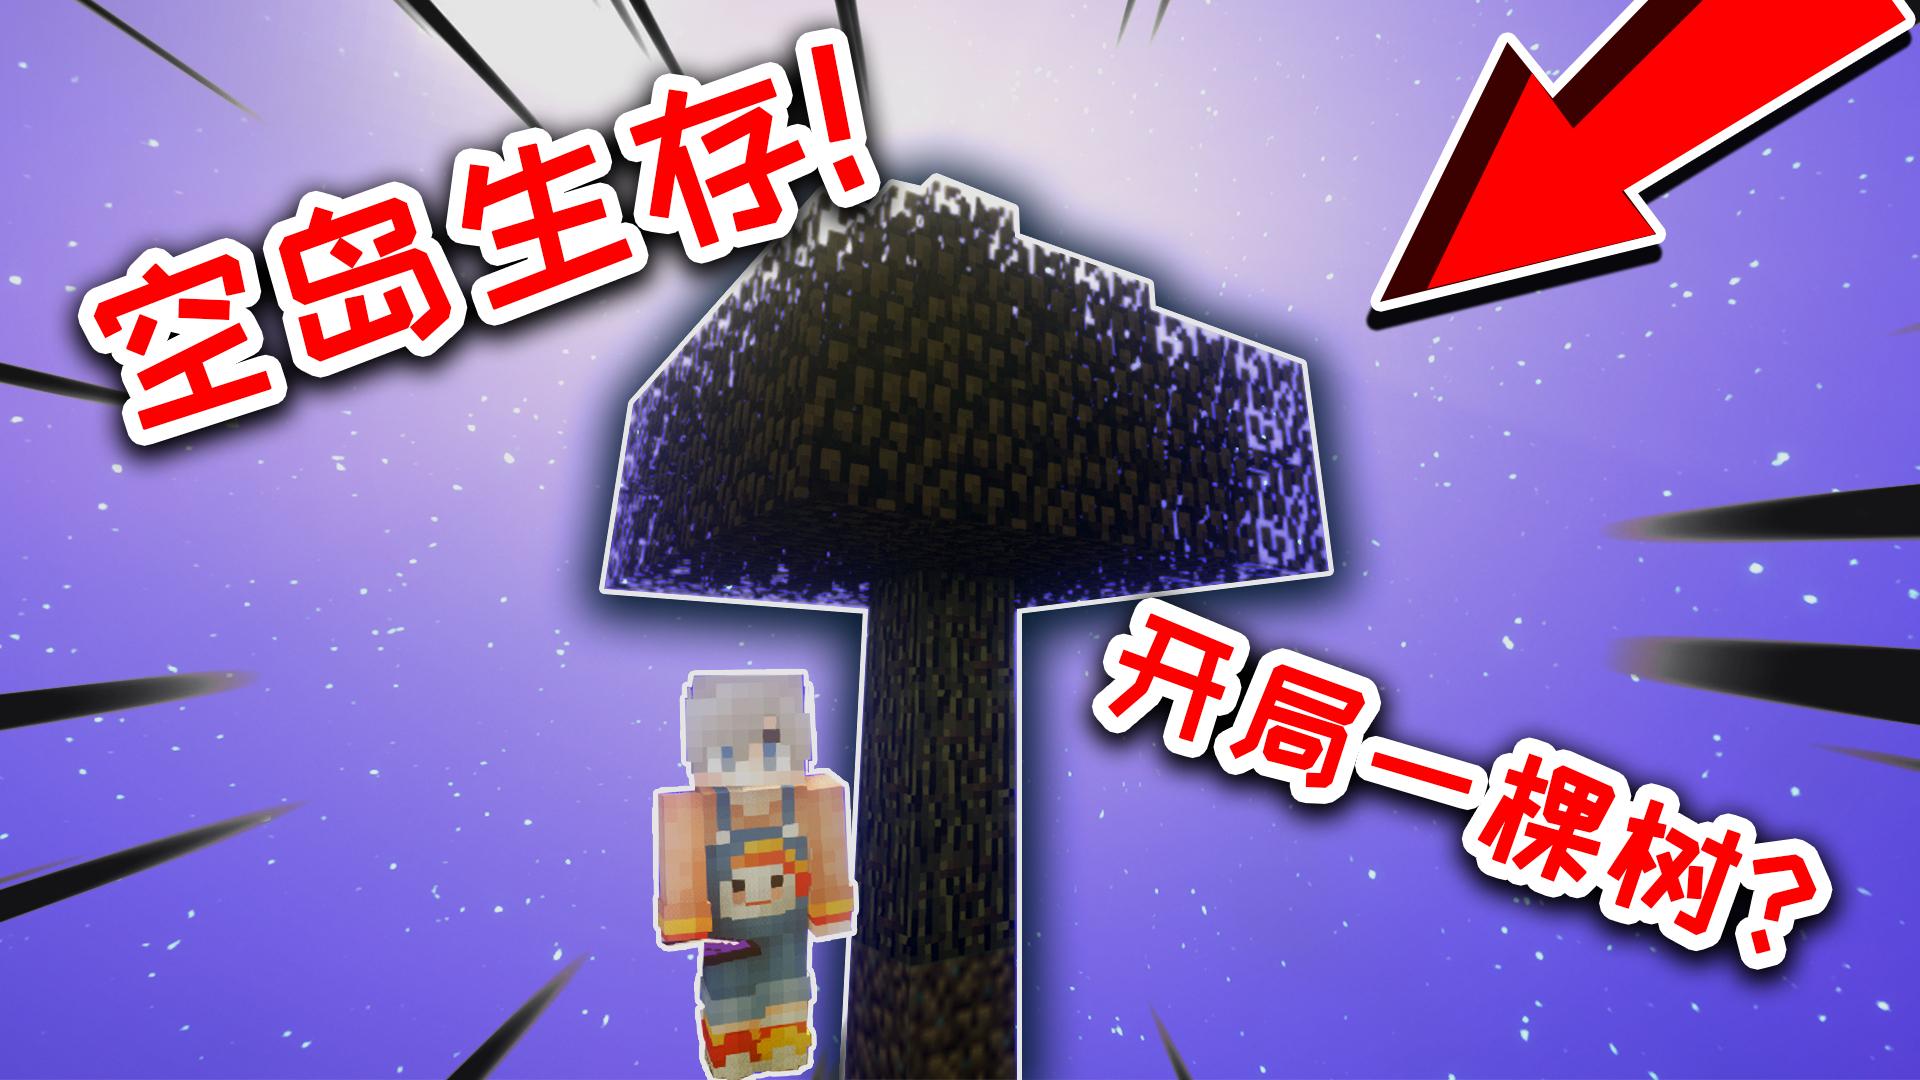 我的世界空岛生存1:出生在只有一棵树的空岛,该如何生存下来?